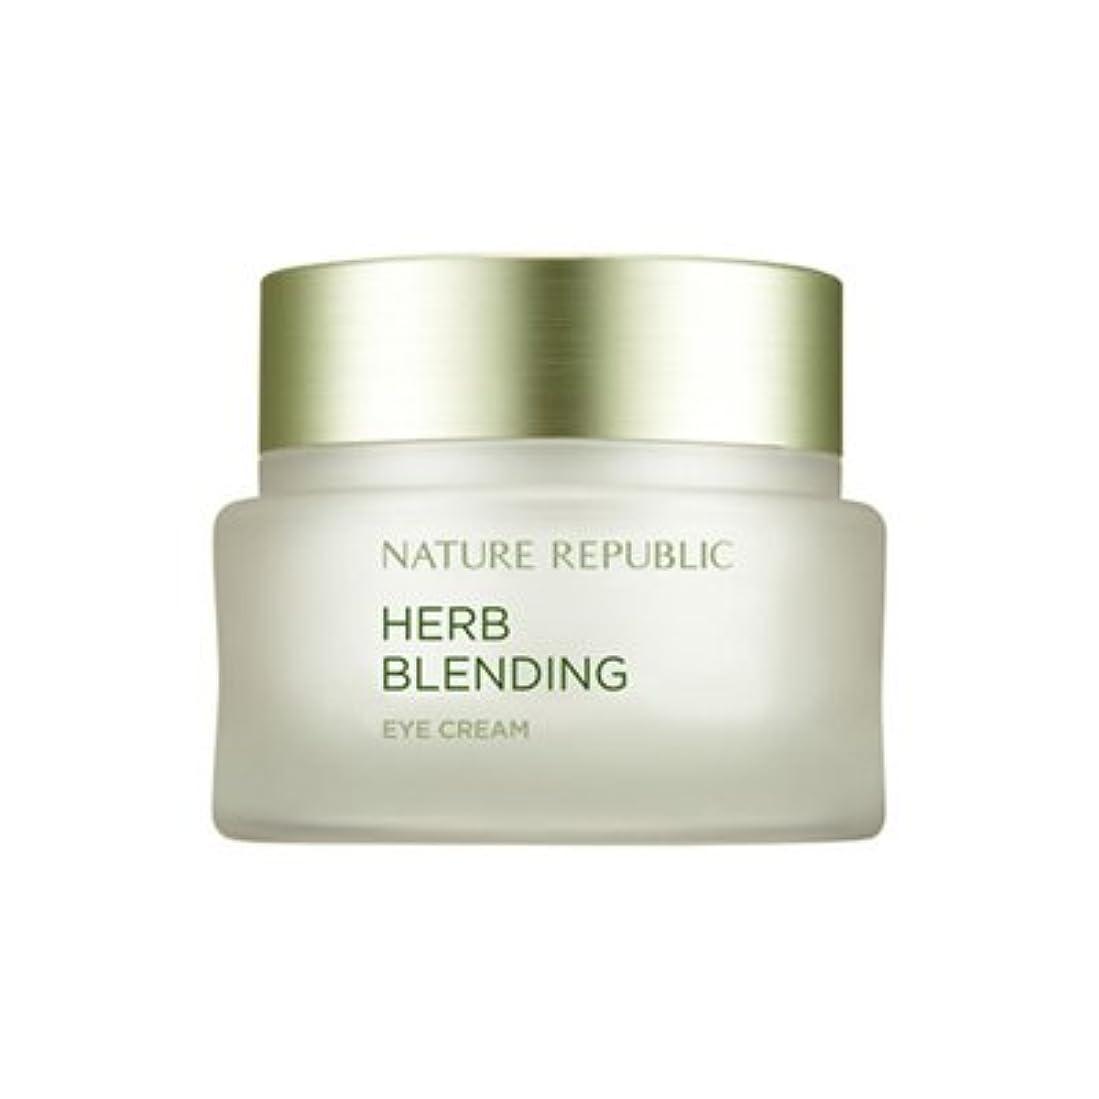 回想戻る承認するNATURE REPUBLIC Herb Blending Eye Cream ネイチャーリパブリック ハーブブレンドアイクリーム [並行輸入品]